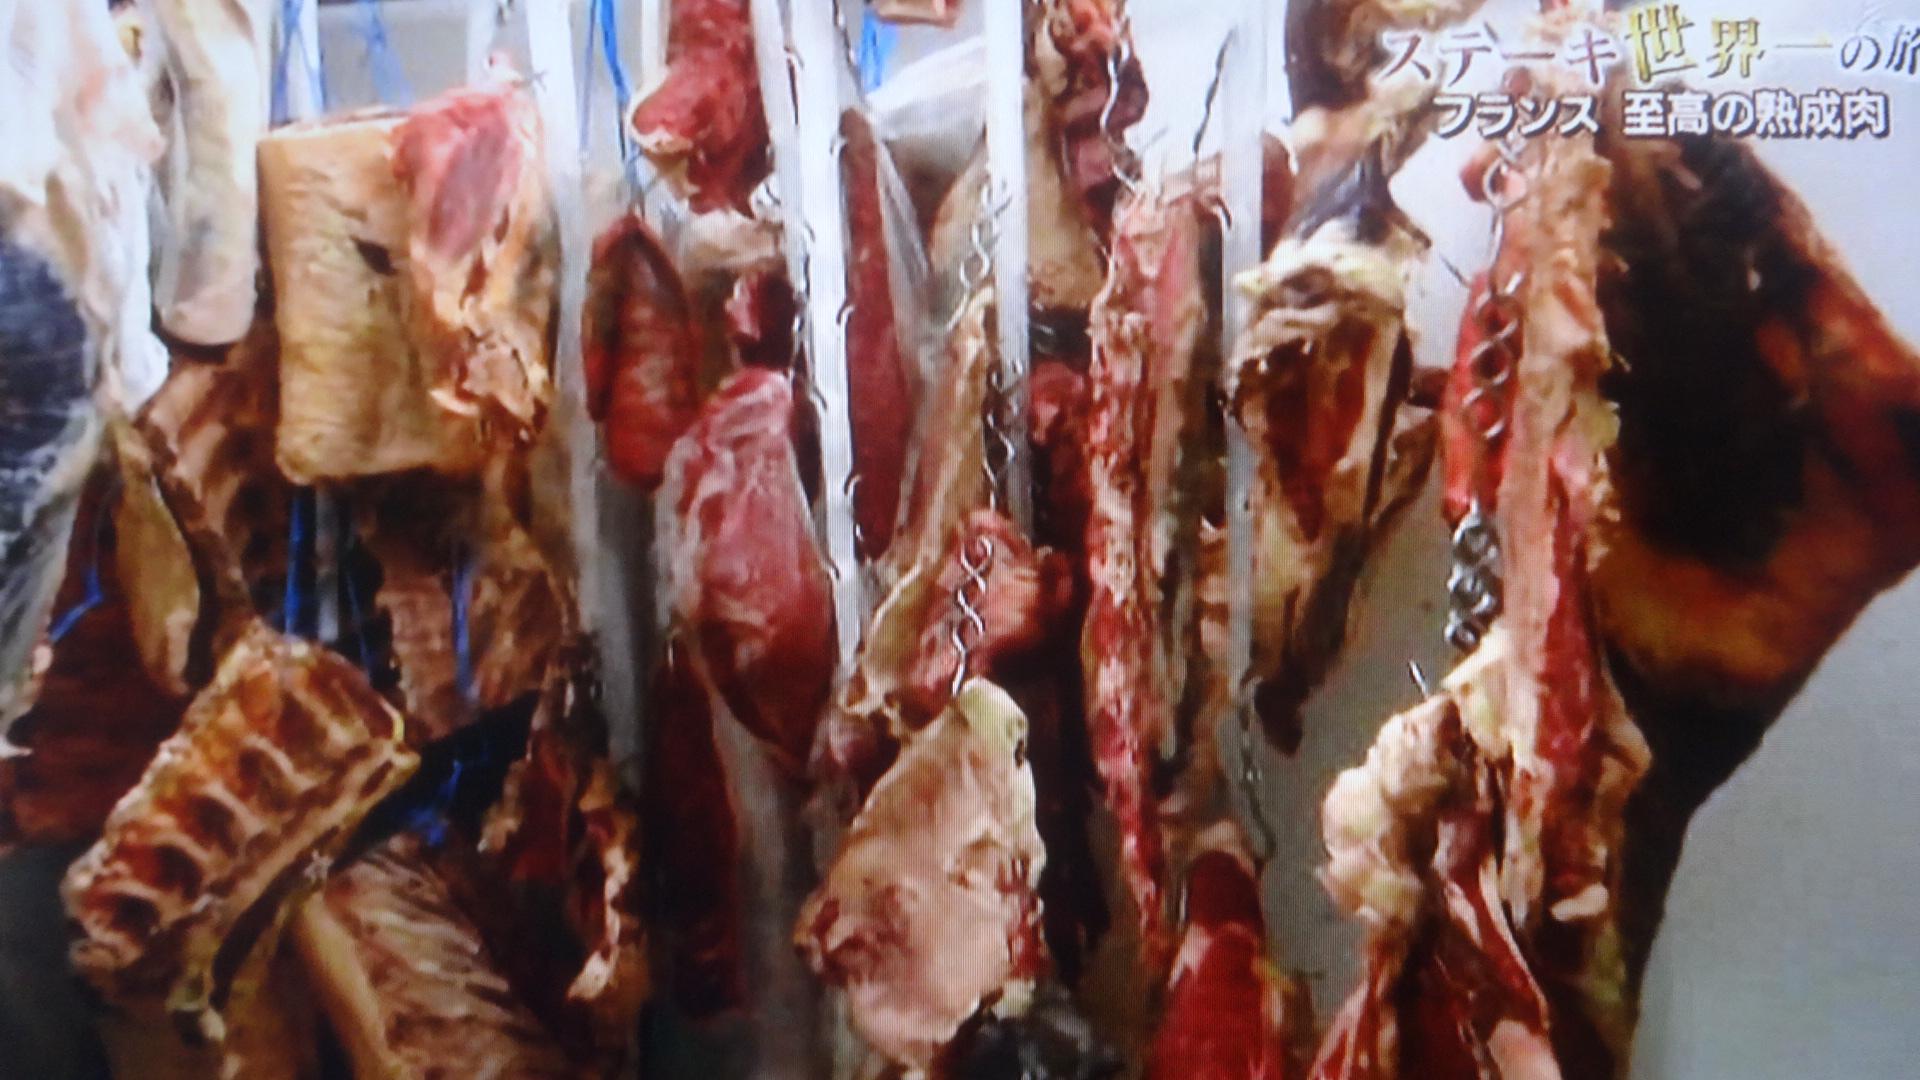 熟成庫に吊るされている肉の塊